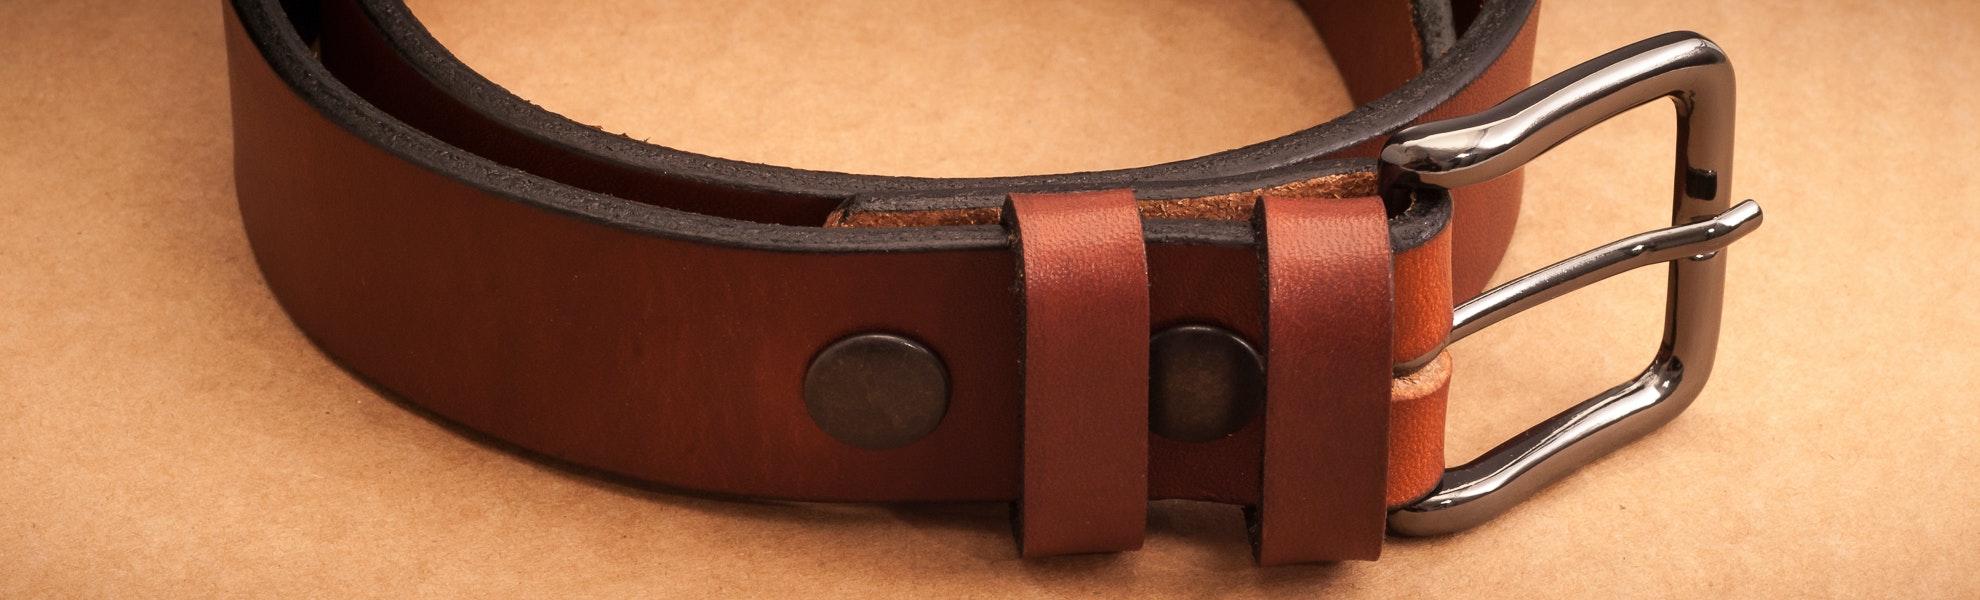 Orion Tan 35mm Latigo Belt